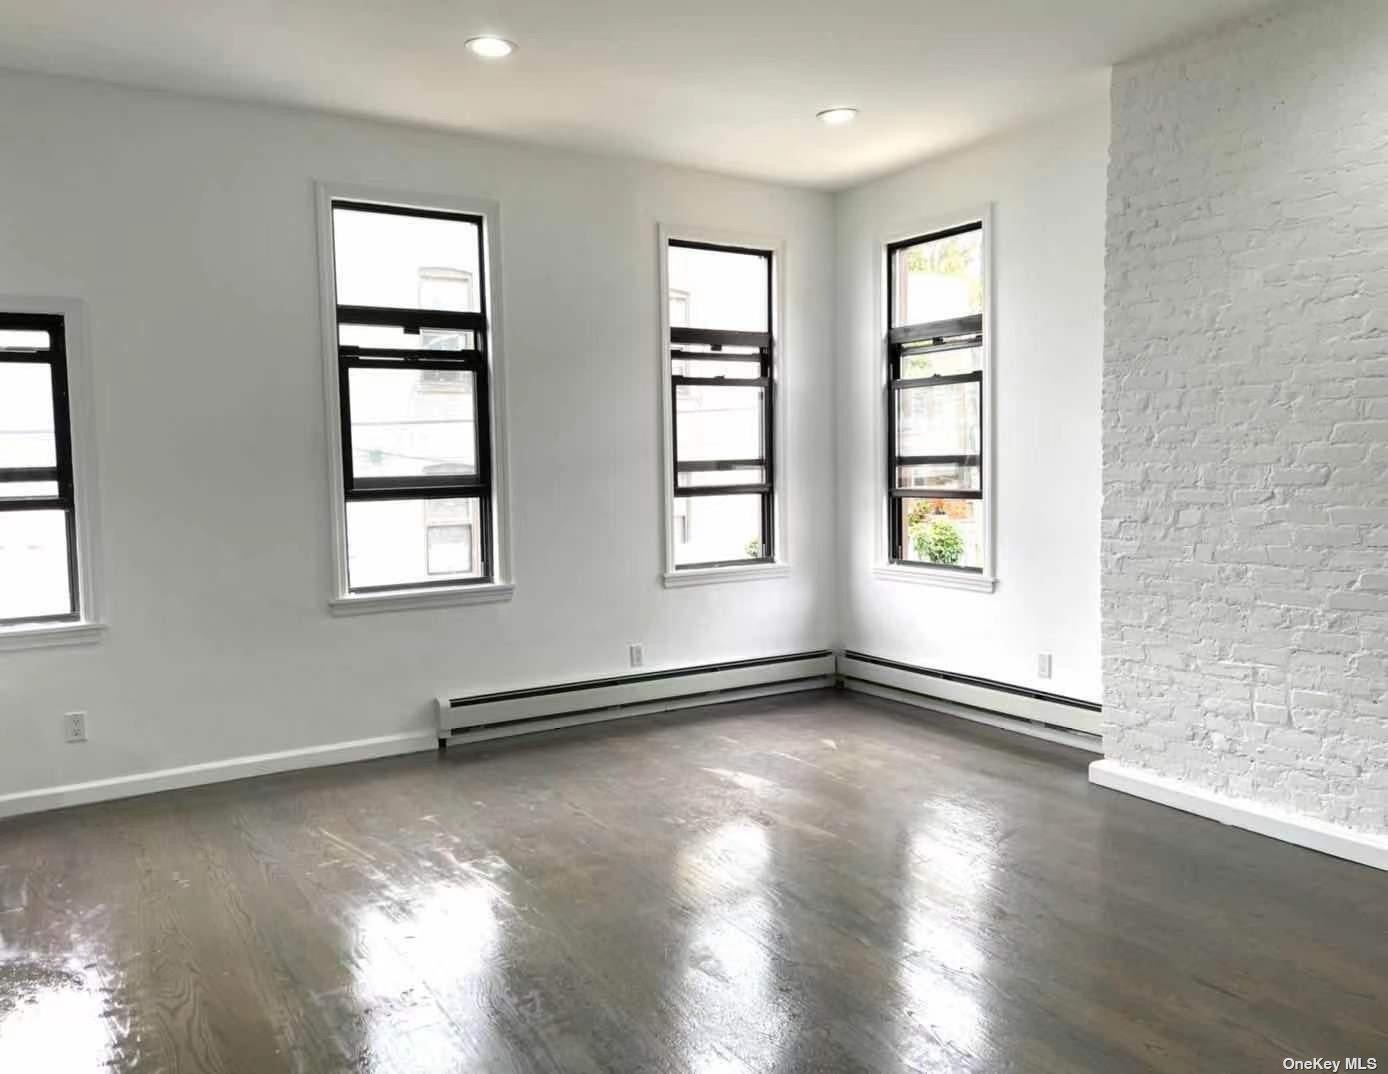 60-36 MENAHAN STREET #2, RIDGEWOOD, NY 11385